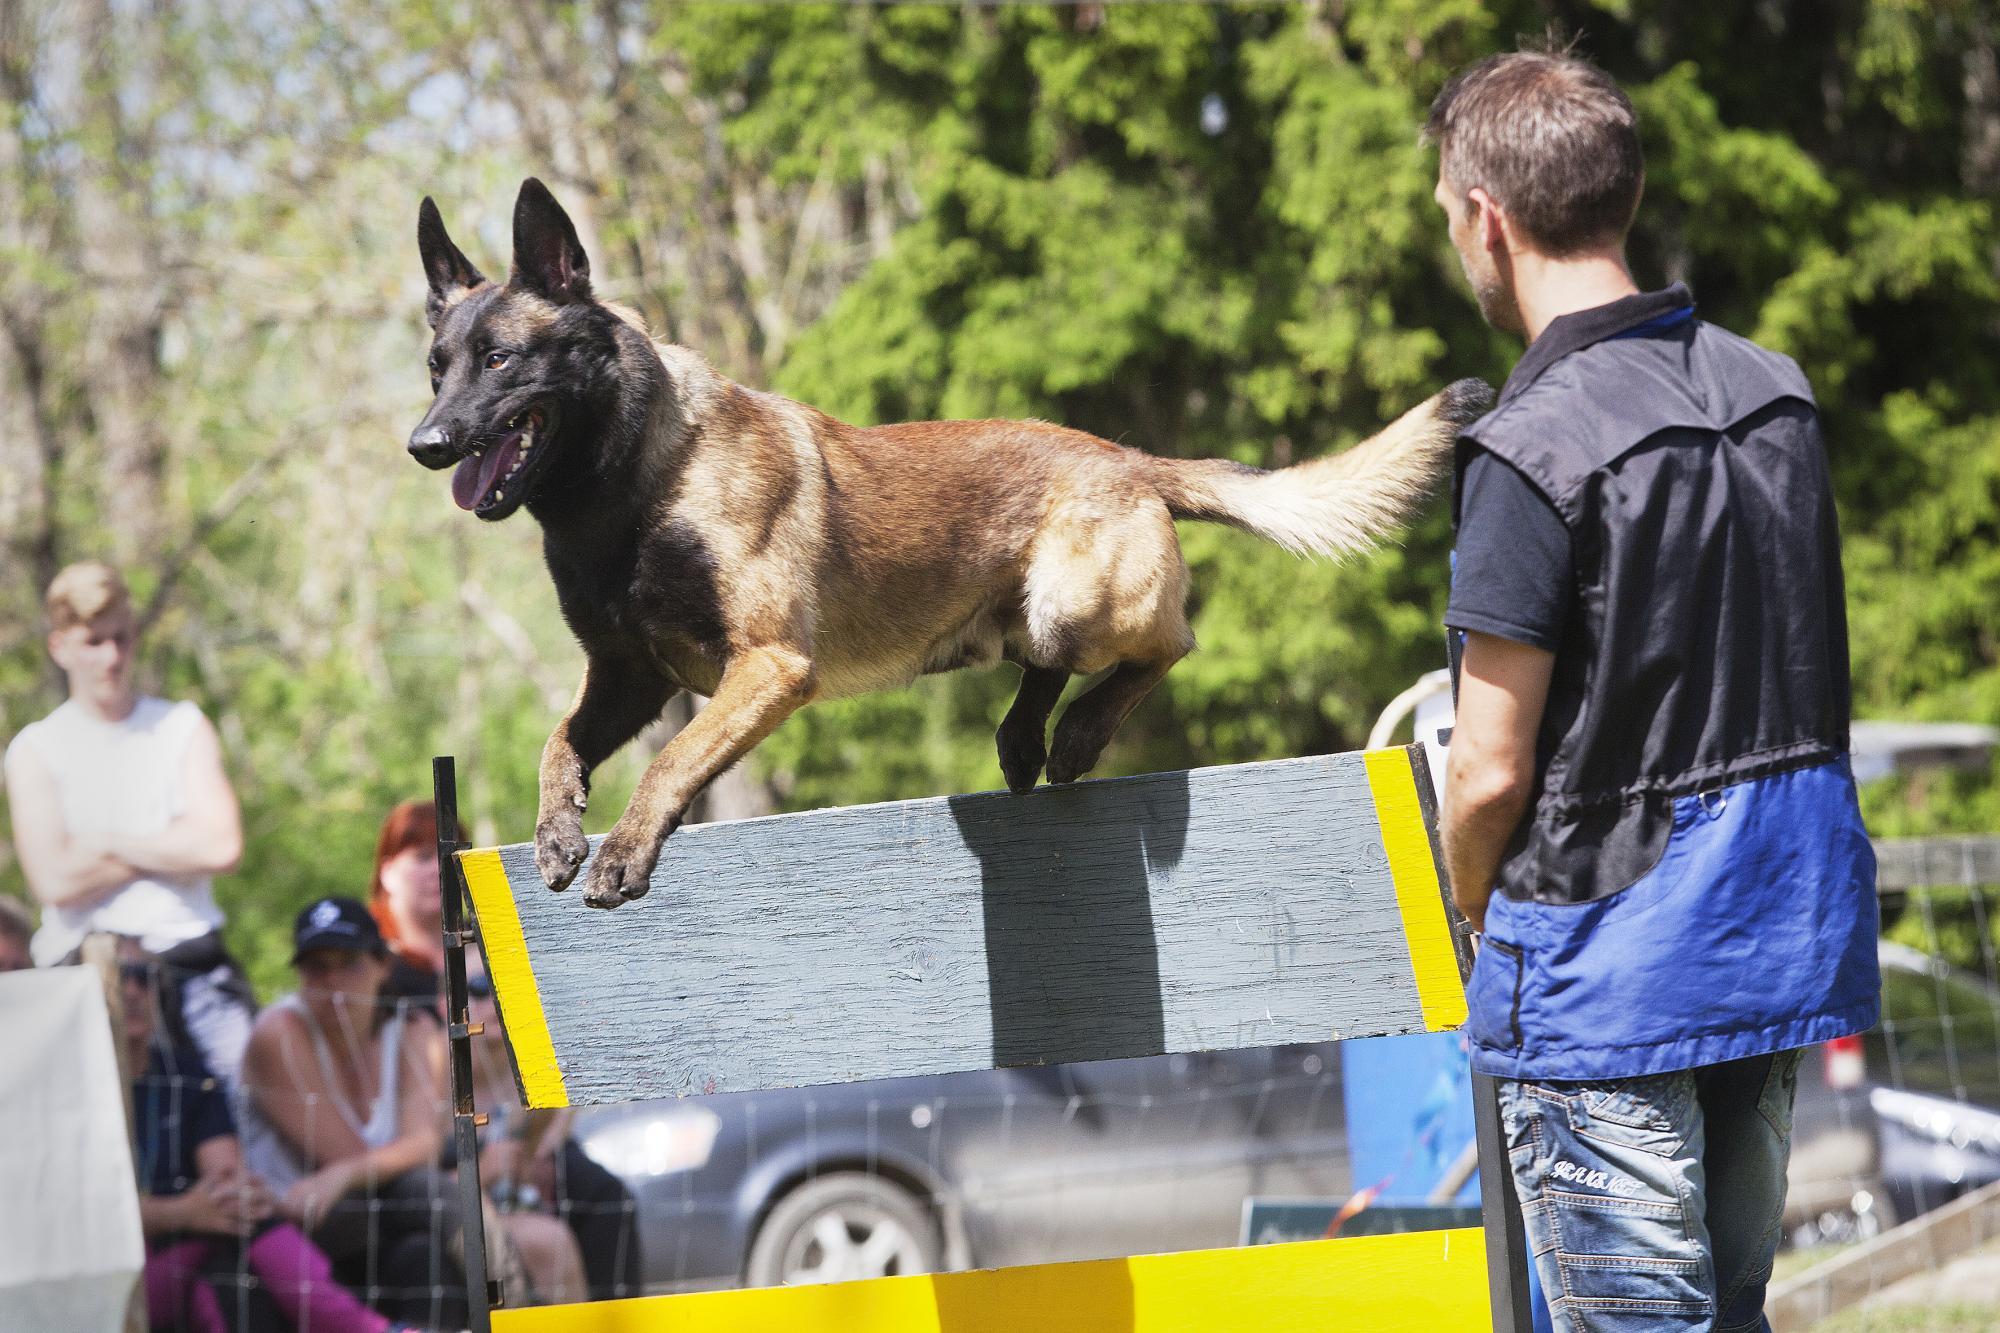 Jonas Walléns hund Bruksviljans B-Grip blev 2018 års Mondioringhund. Bilden är från Sveriges första Mondioringtävling som arrangerades på Jonas hemmaklubb i Enköping. Klicka på bilden för att läsa mer om sporten.